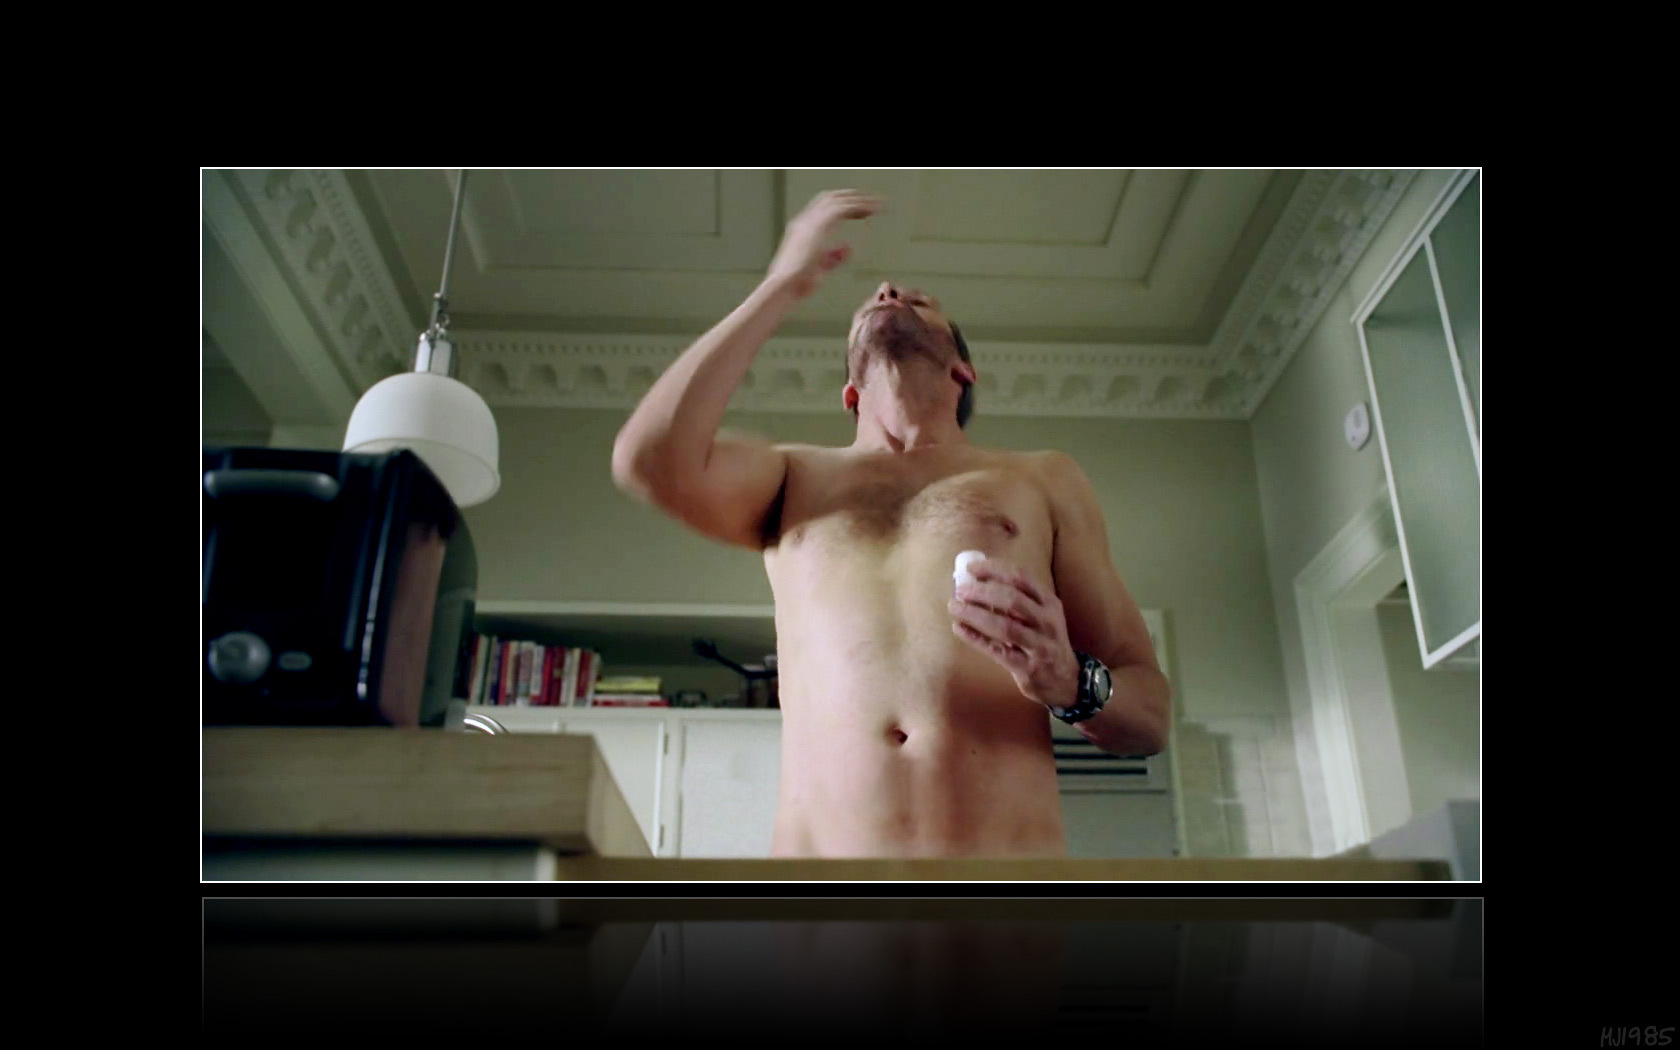 House 'Knight Fall' - naked scene